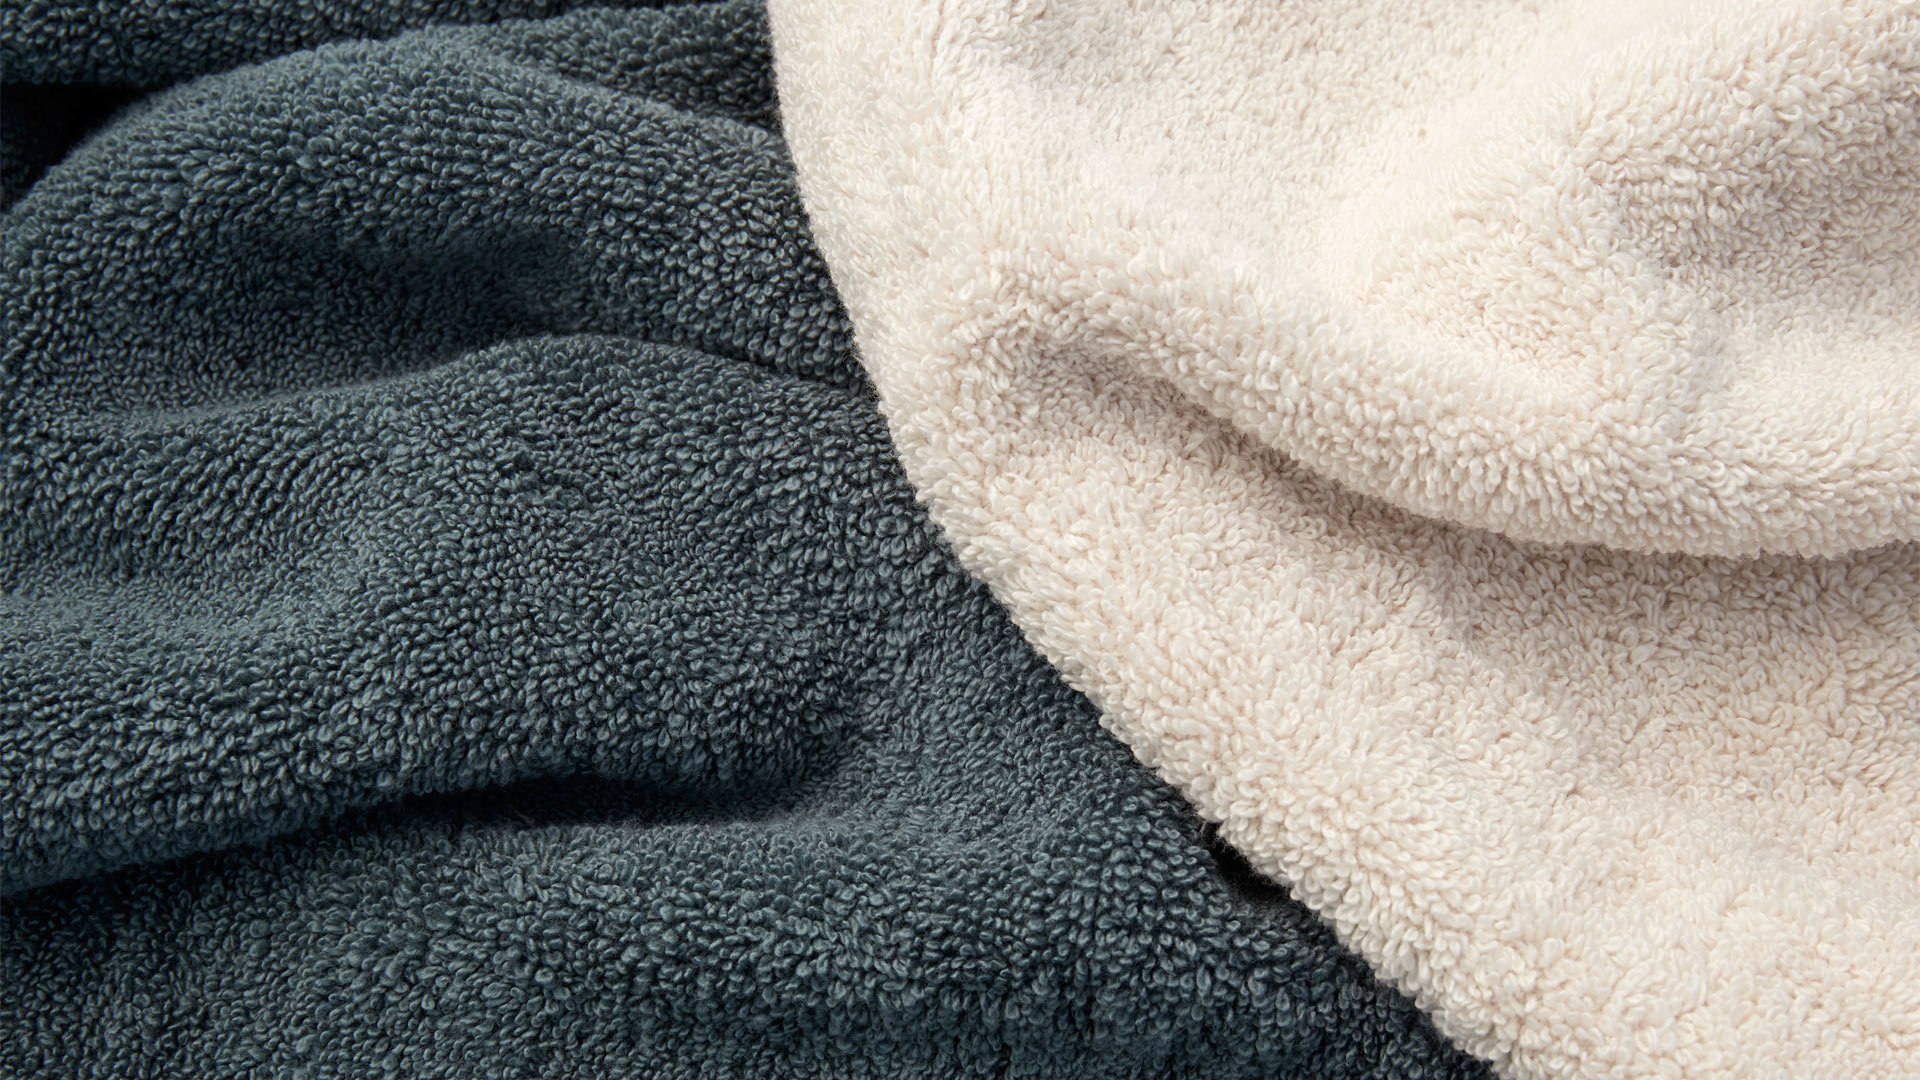 精选全球3%优质长绒棉<br/>同等质量2倍加厚